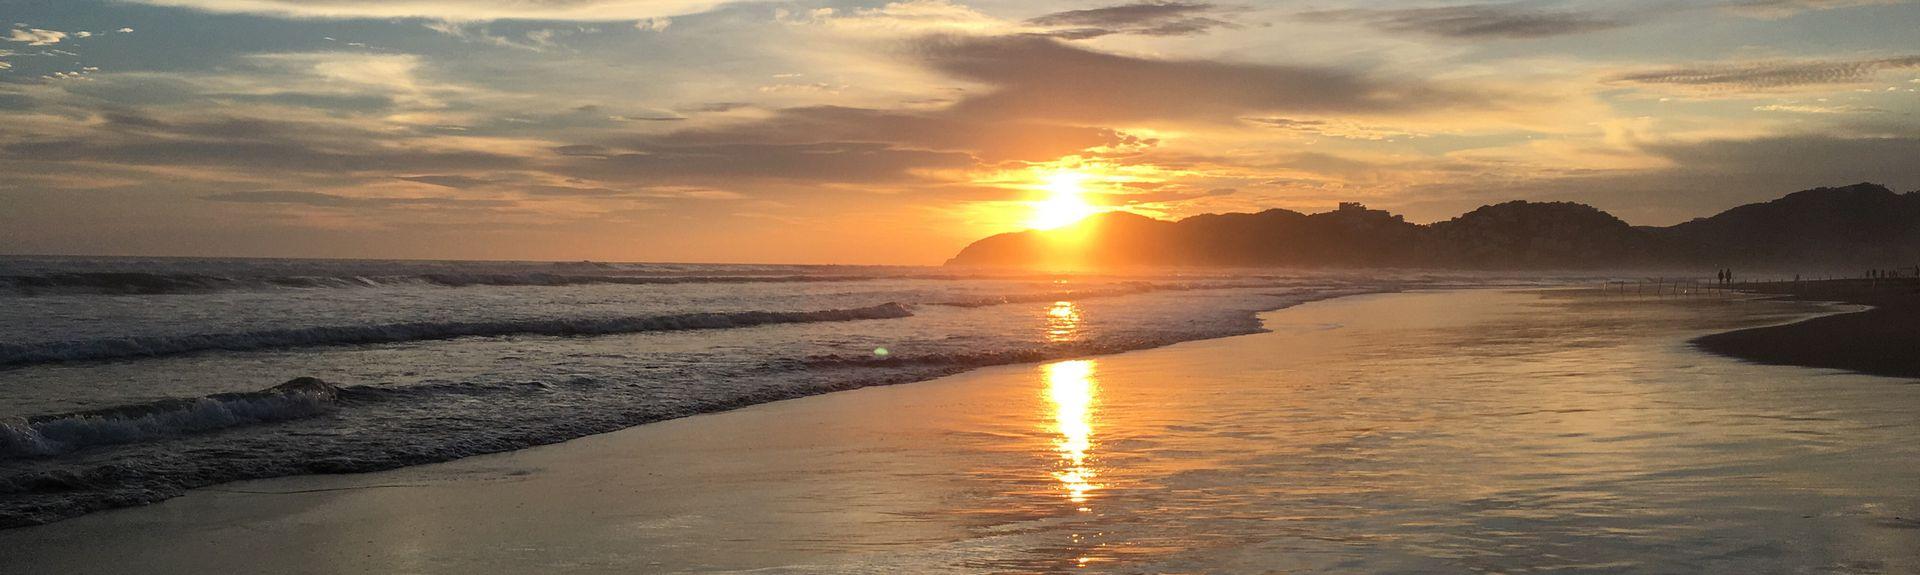 Playa Diamante, Acapulco, Guerrero, México